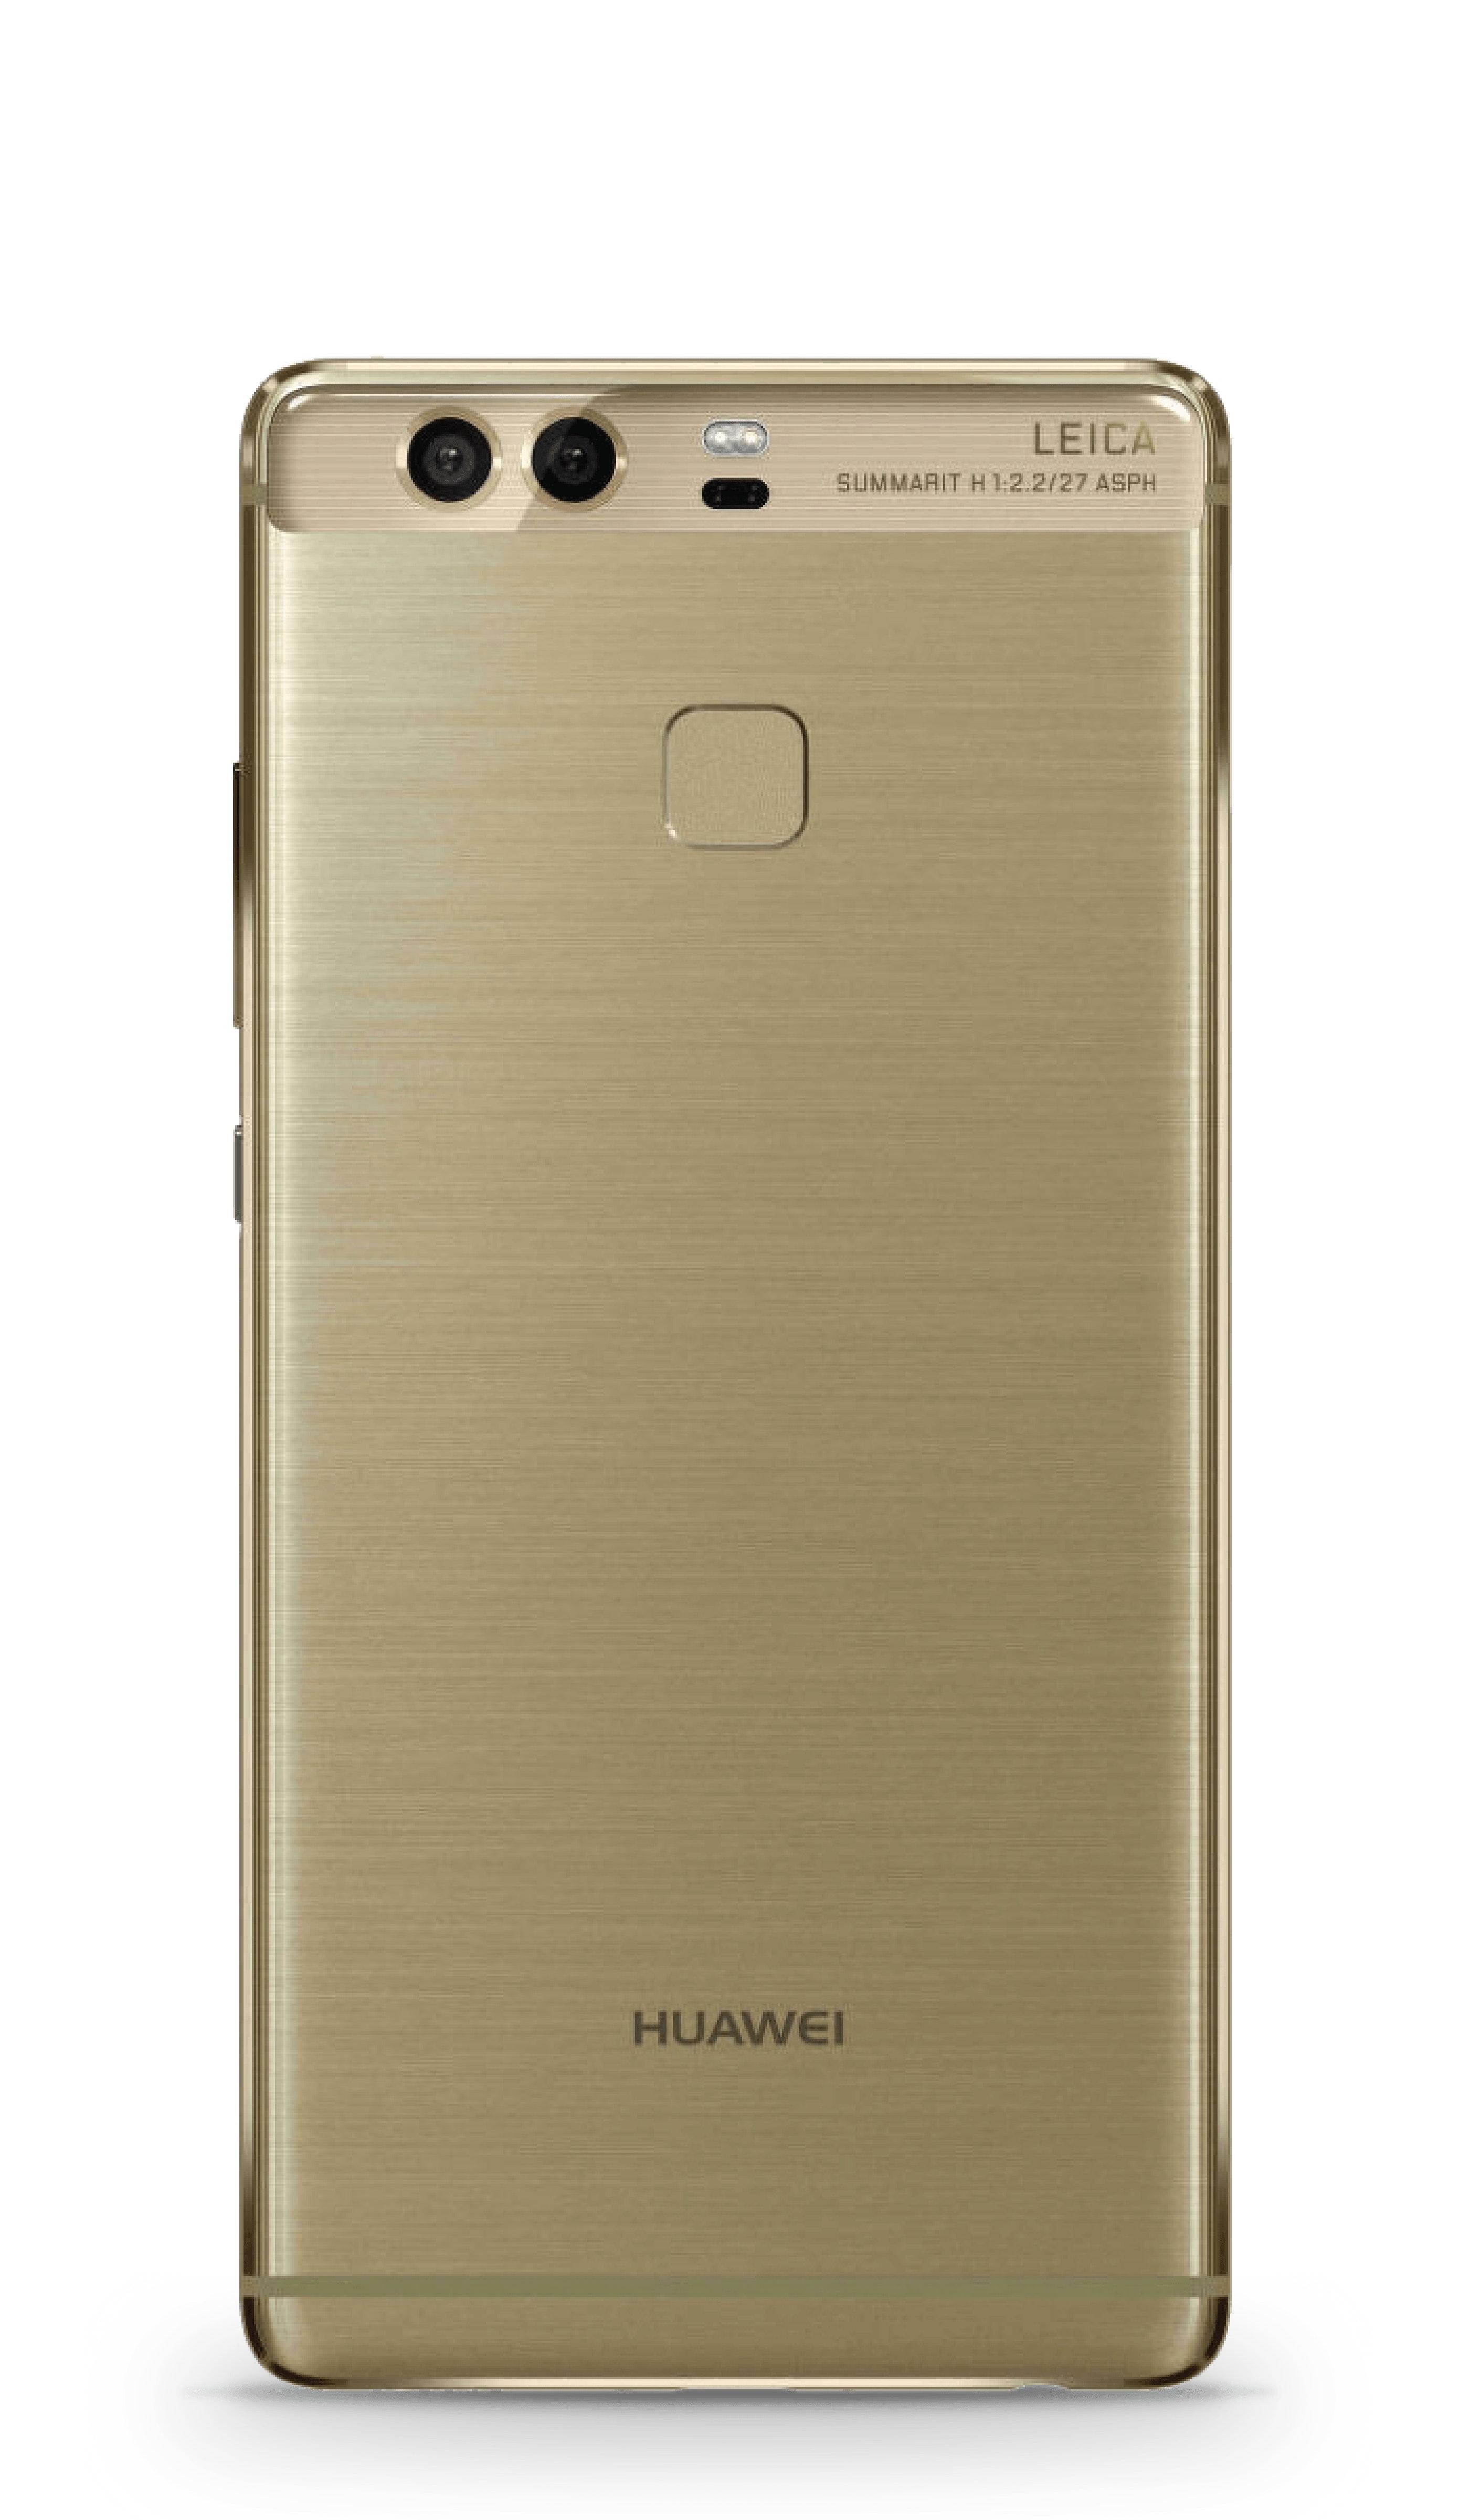 Huawei P9 image